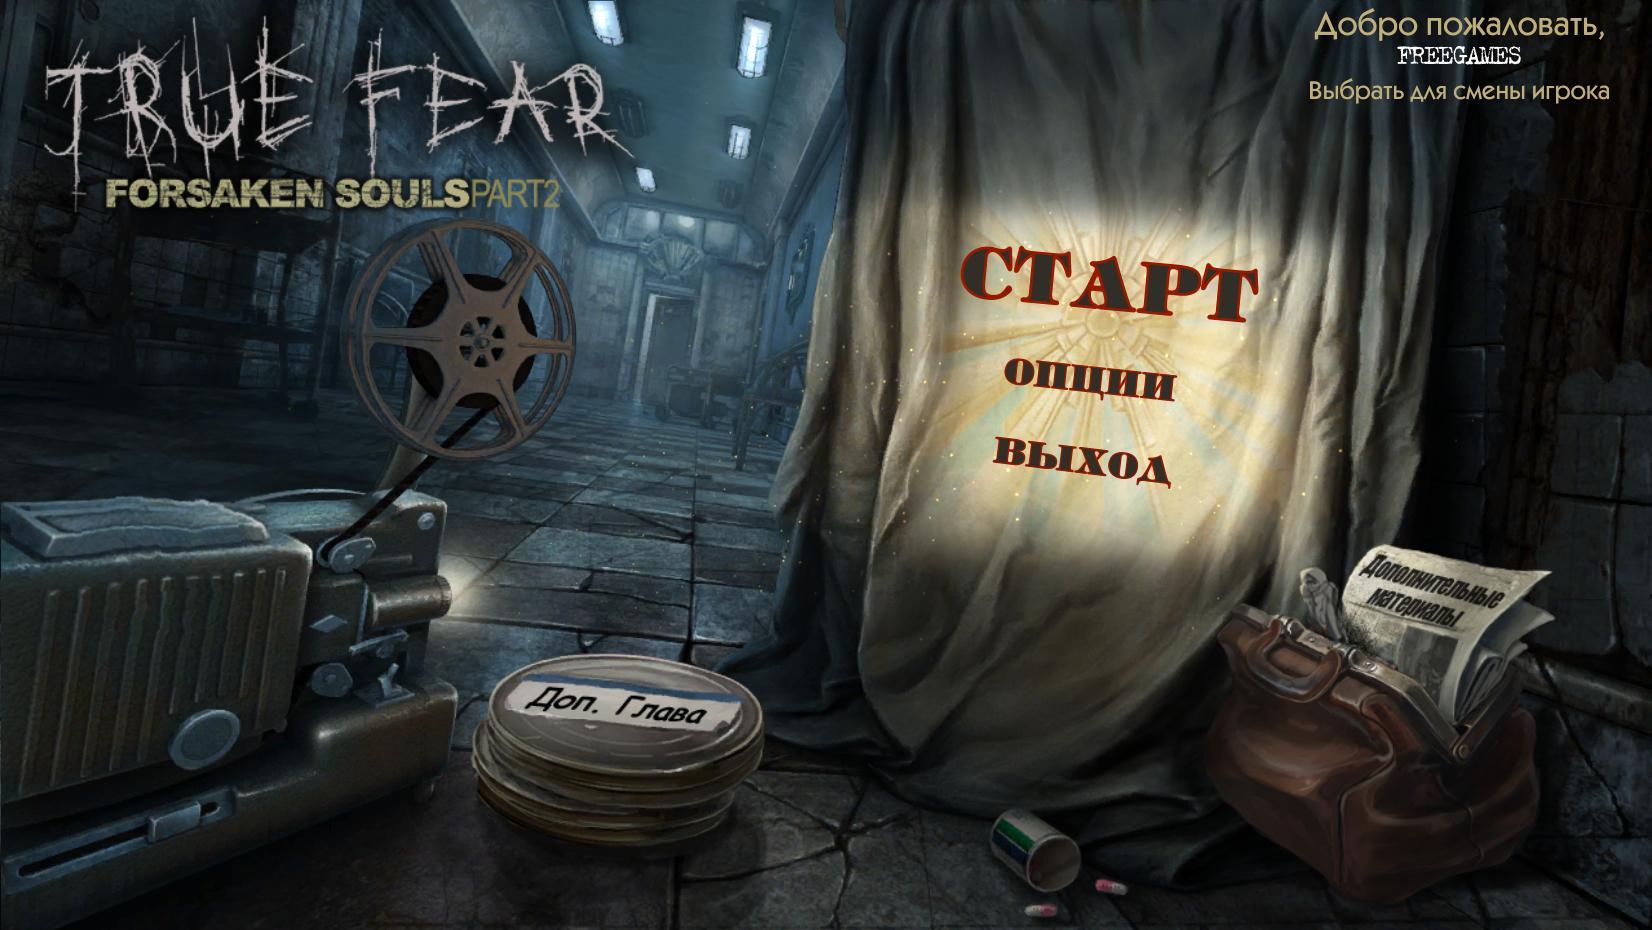 Реальный ужас 2: Души проклятых | True Fear: Forsaken Souls Part 2 (En | Rus) Upd 09.01.19 Patch 1.2.1